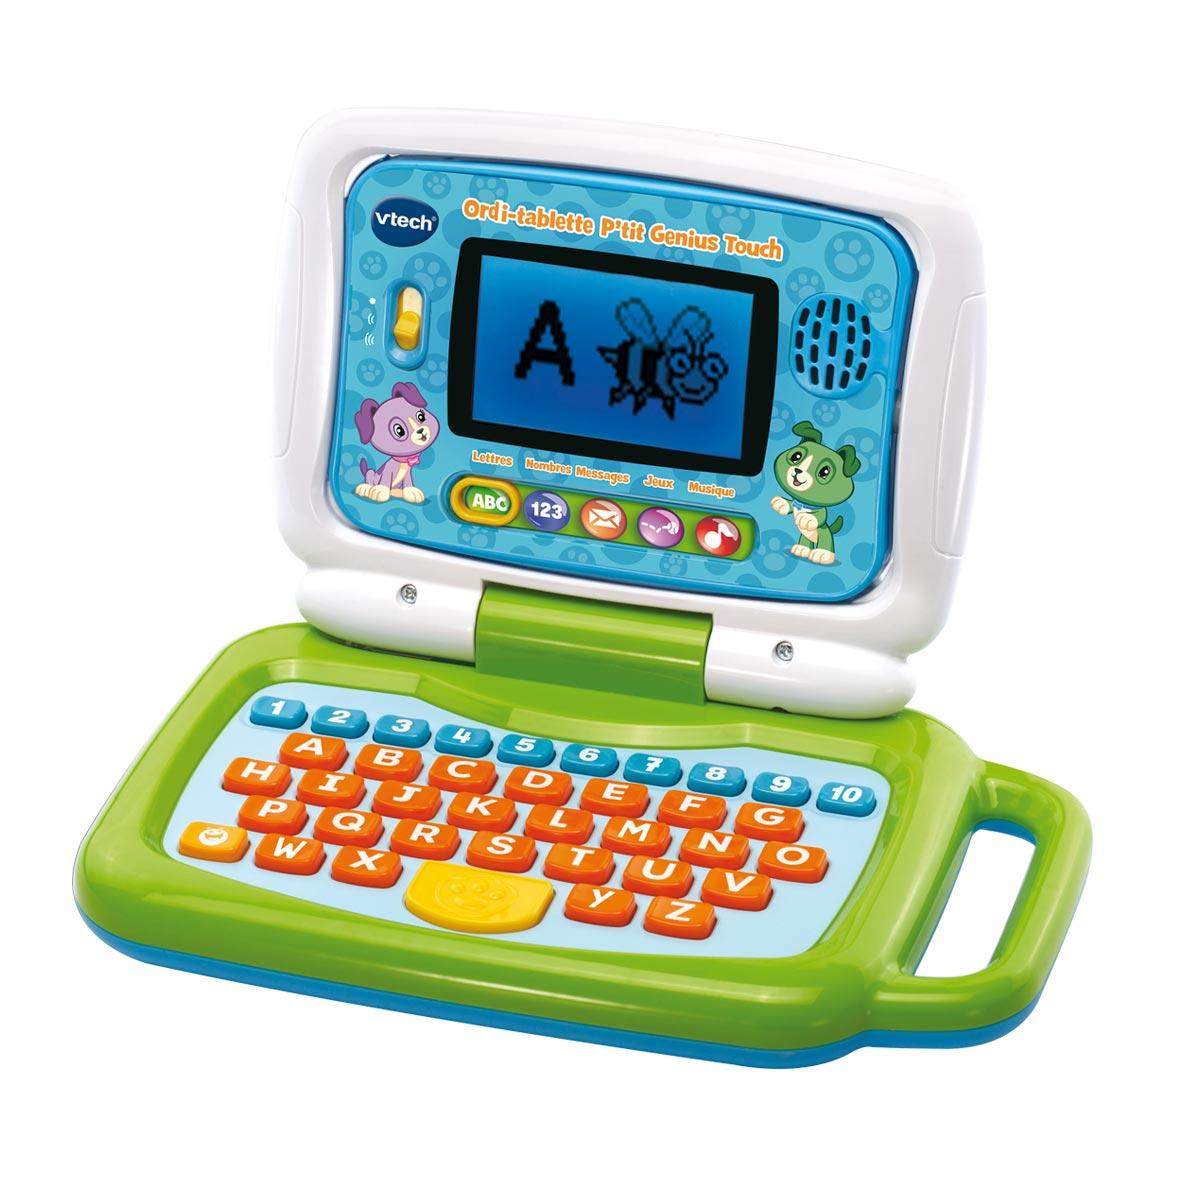 Ordi Tablette P'tit Génius Touch tout Tablette Pour Enfant De 4 Ans